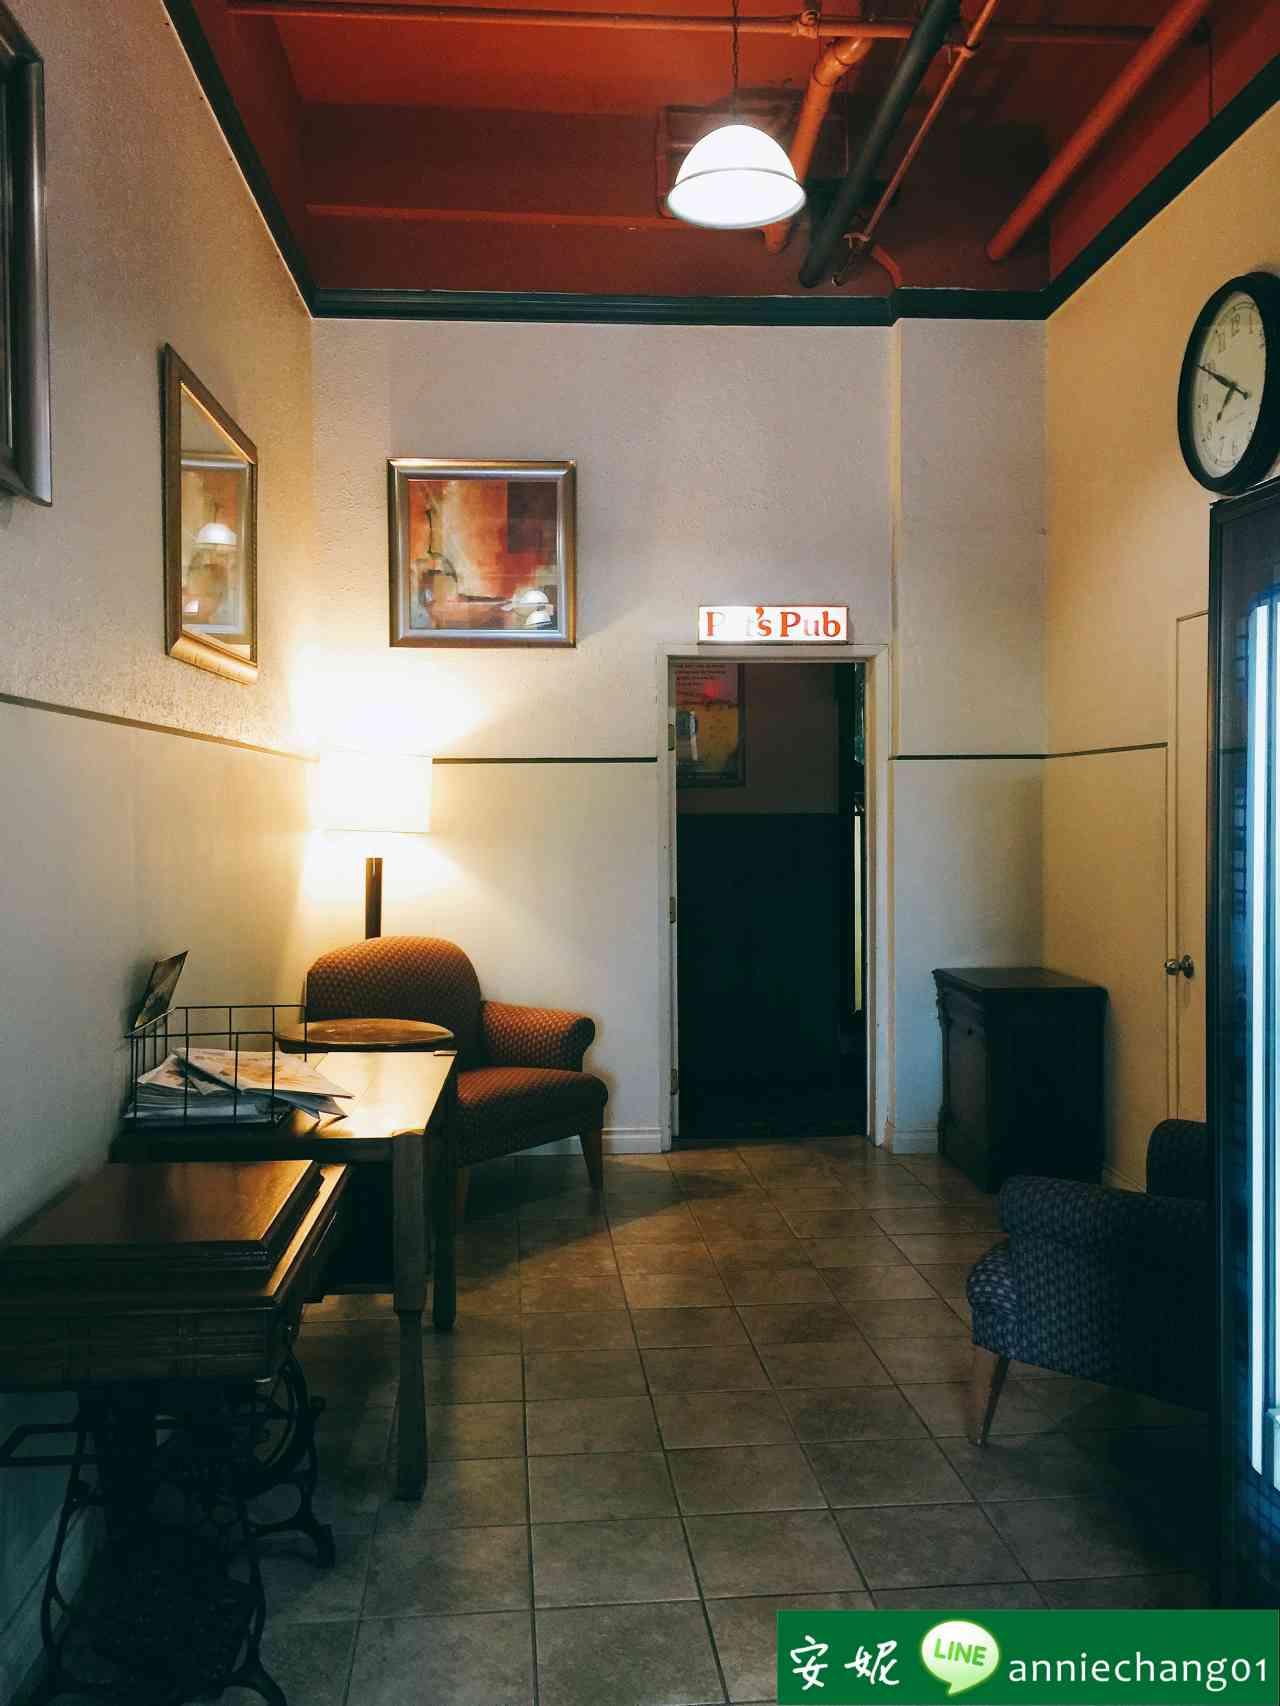 【加拿大 溫哥華】Budget Inn Patricia Hotel